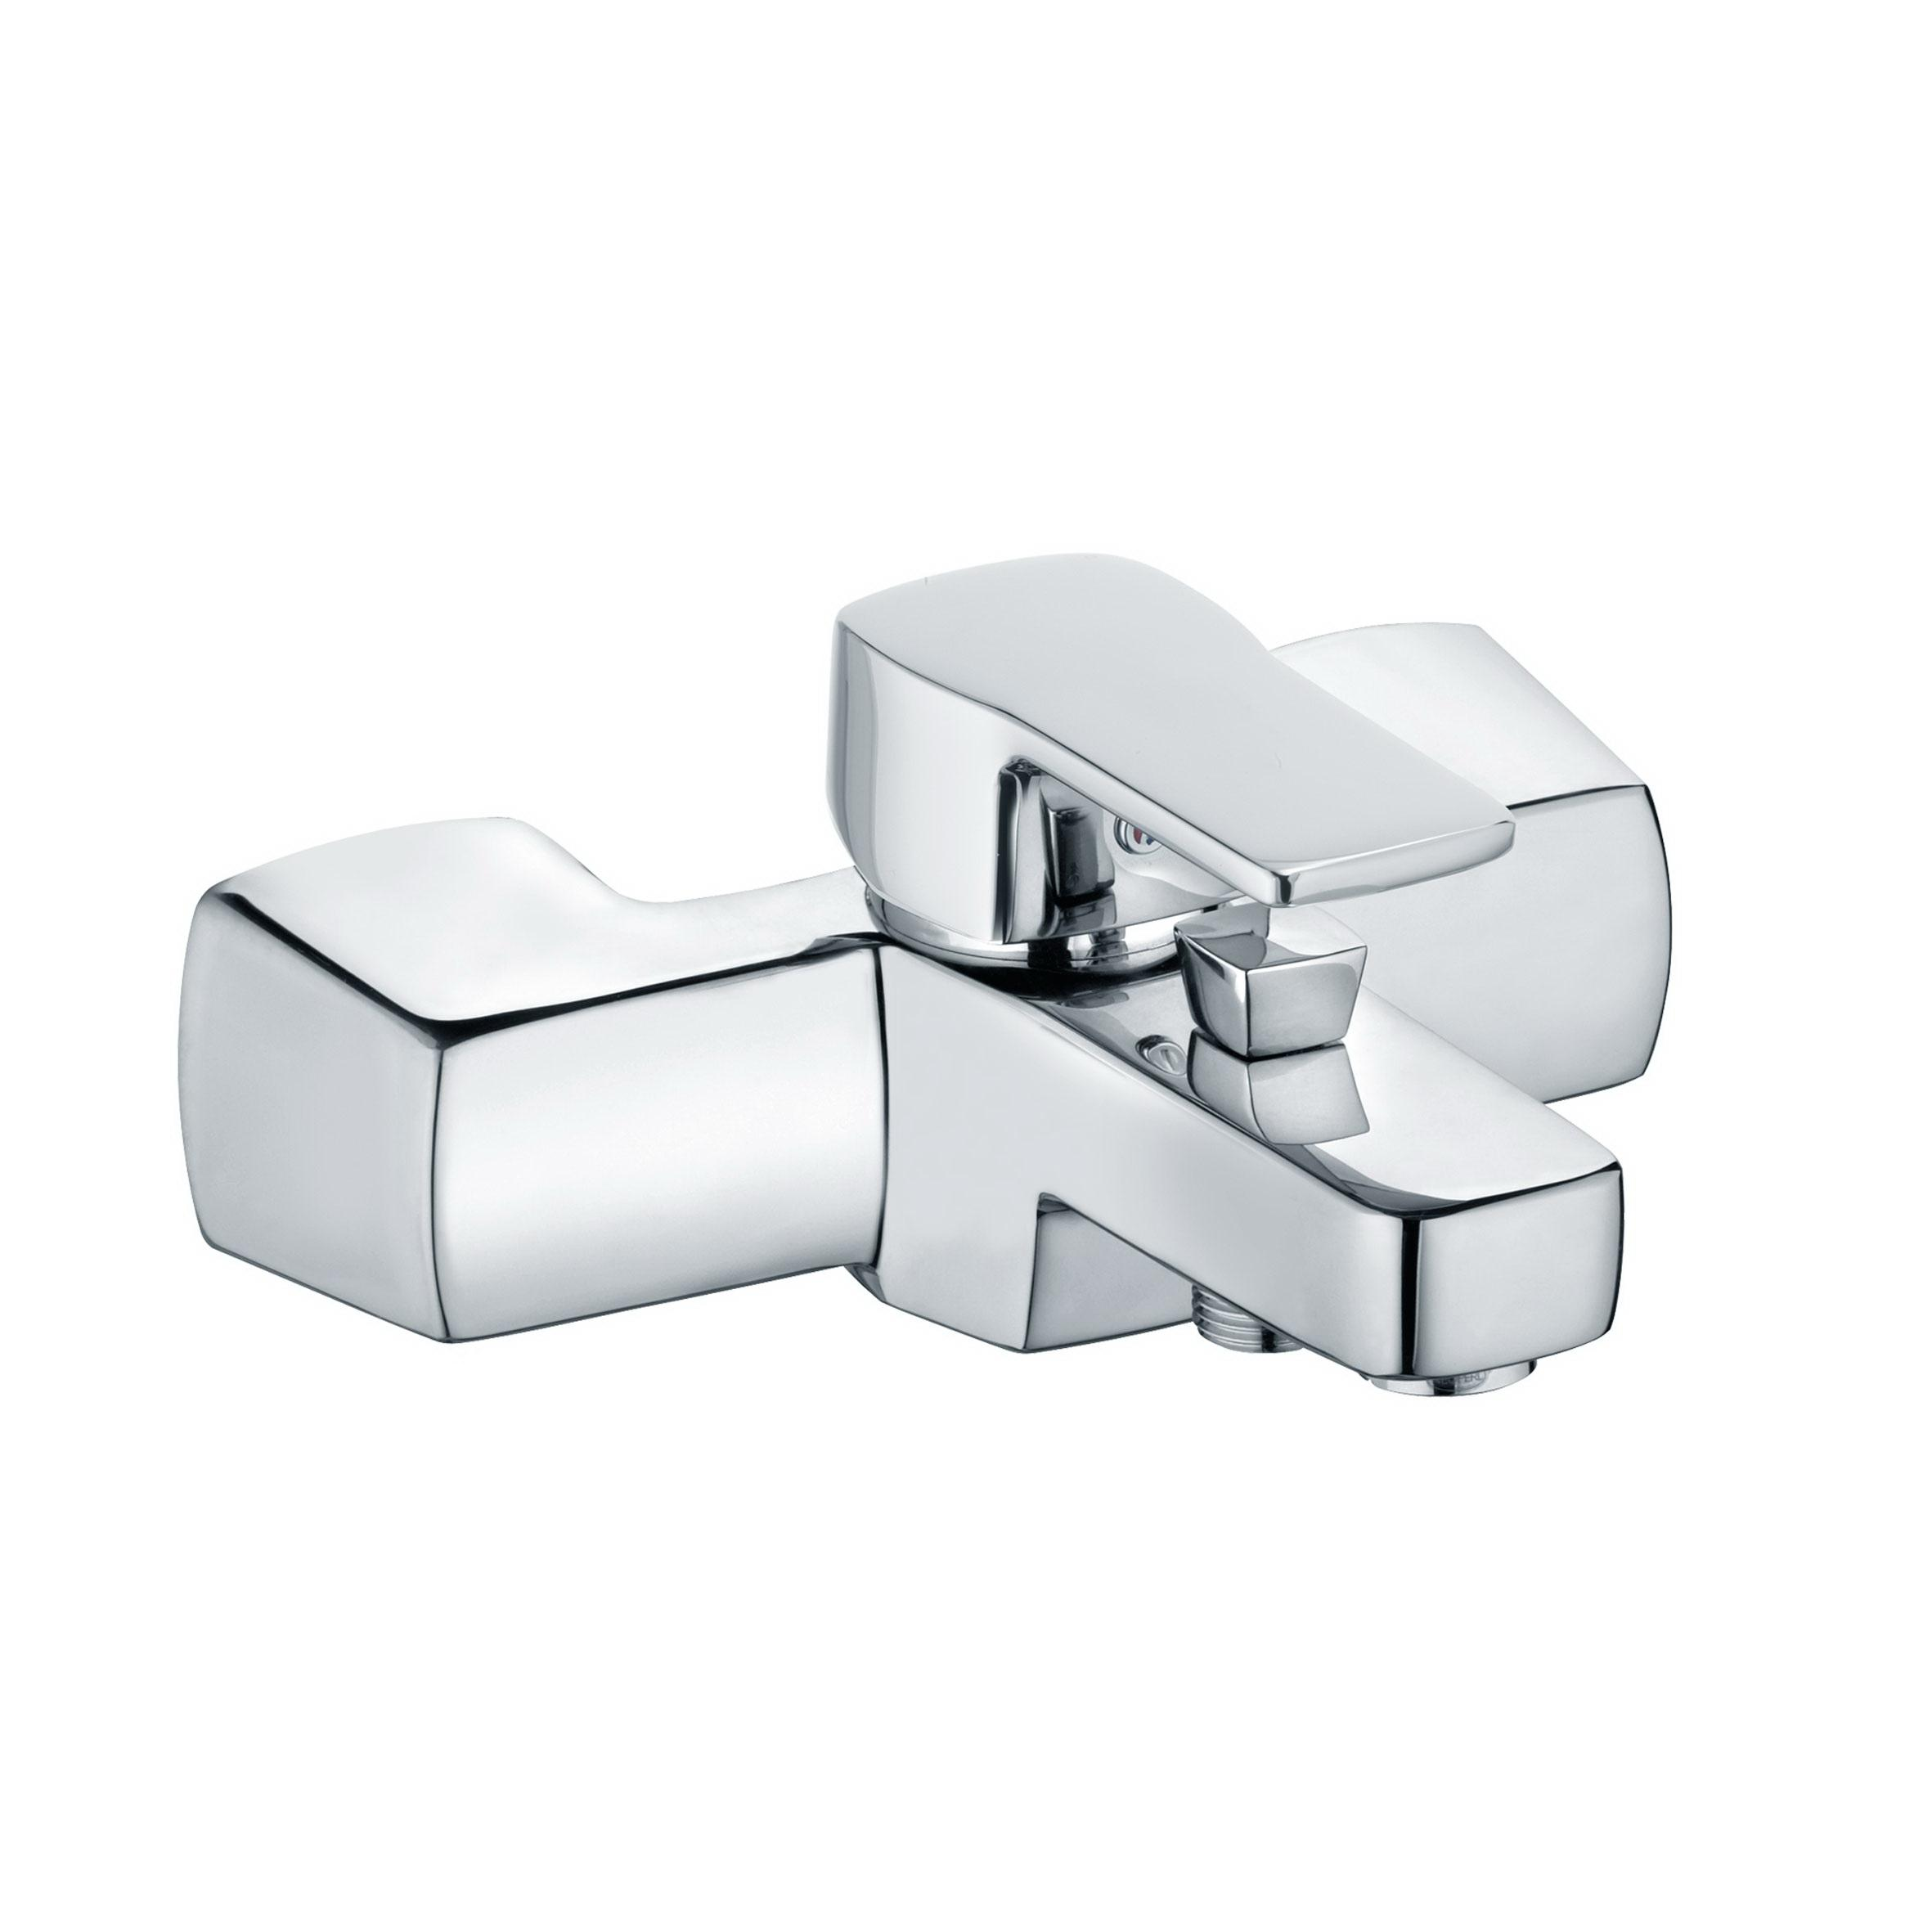 Смеситель для ванны с душем Kludi Q-beo 504430565 kludi q beo 500230575 для раковины